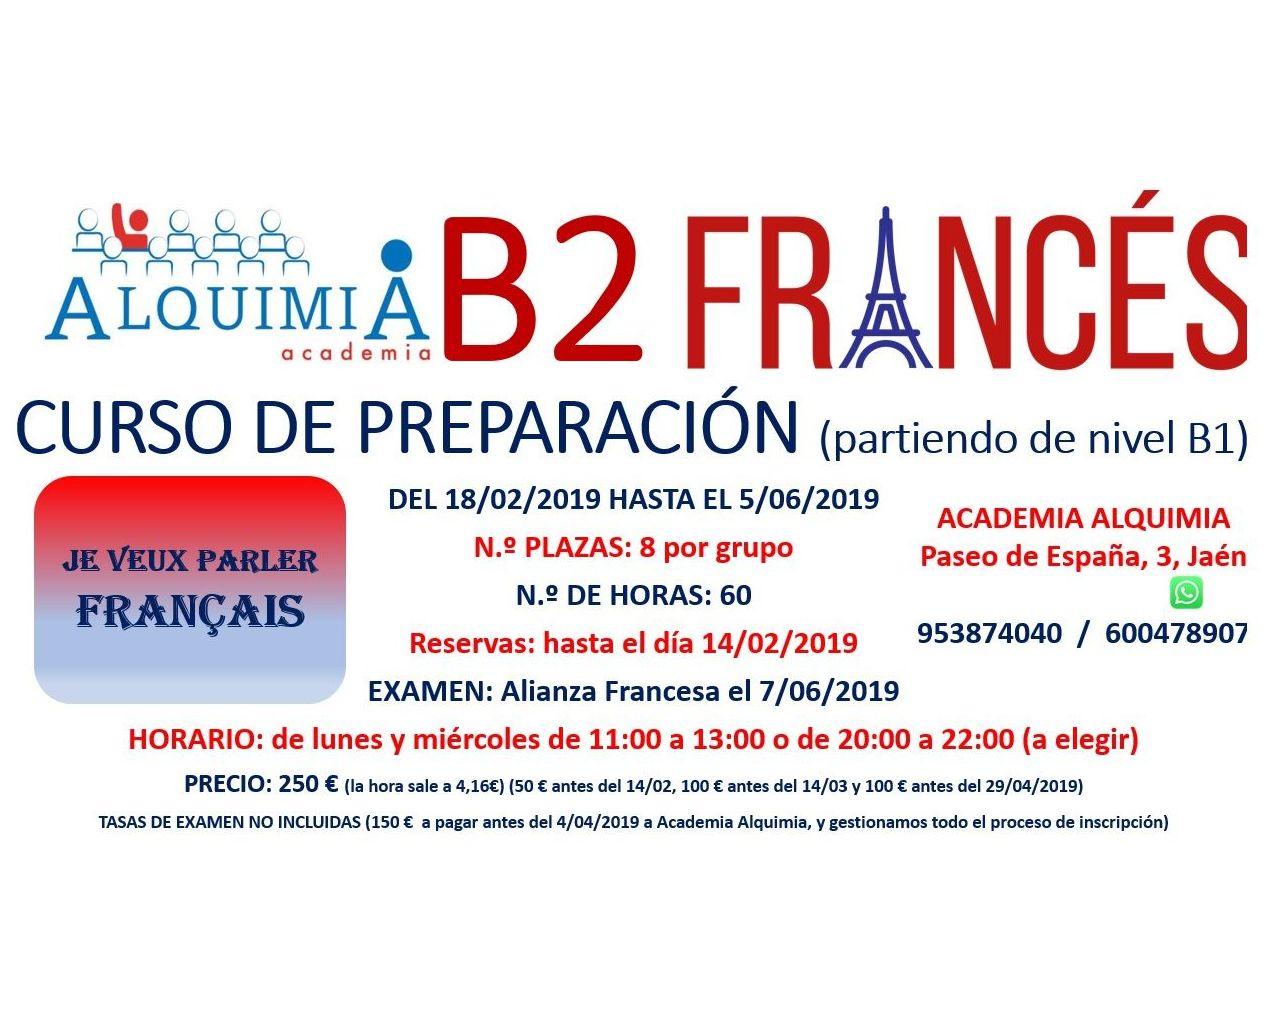 B2 FRANCÉS (partiendo de nivel B1) examen alianza francesa 7/06/2019